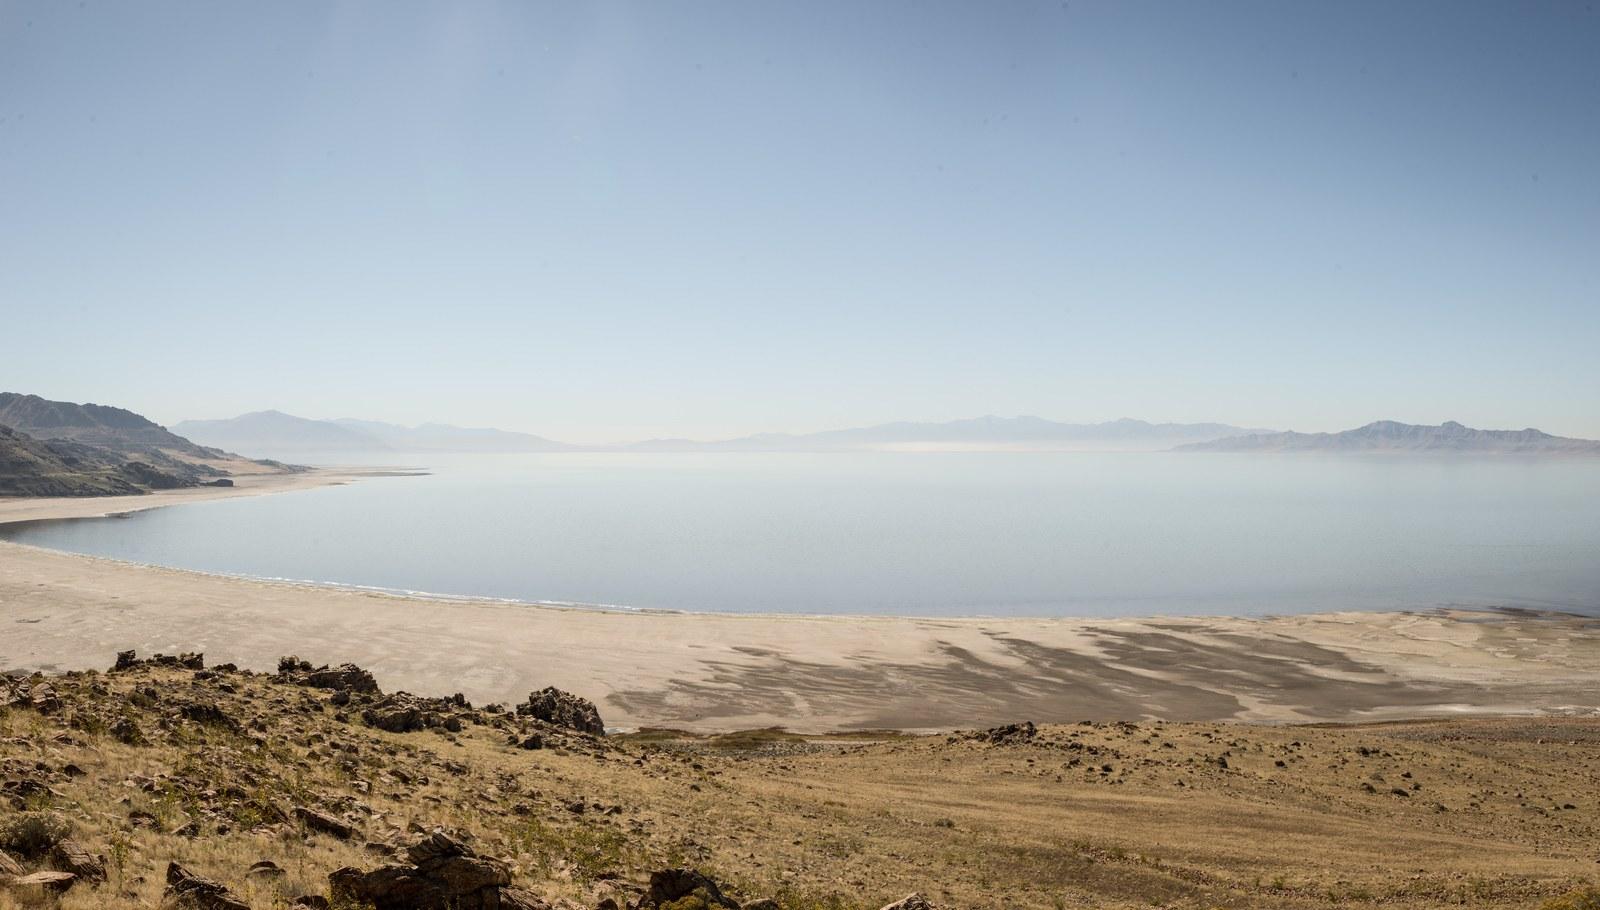 Plages de sables à Antelop Antelope Island